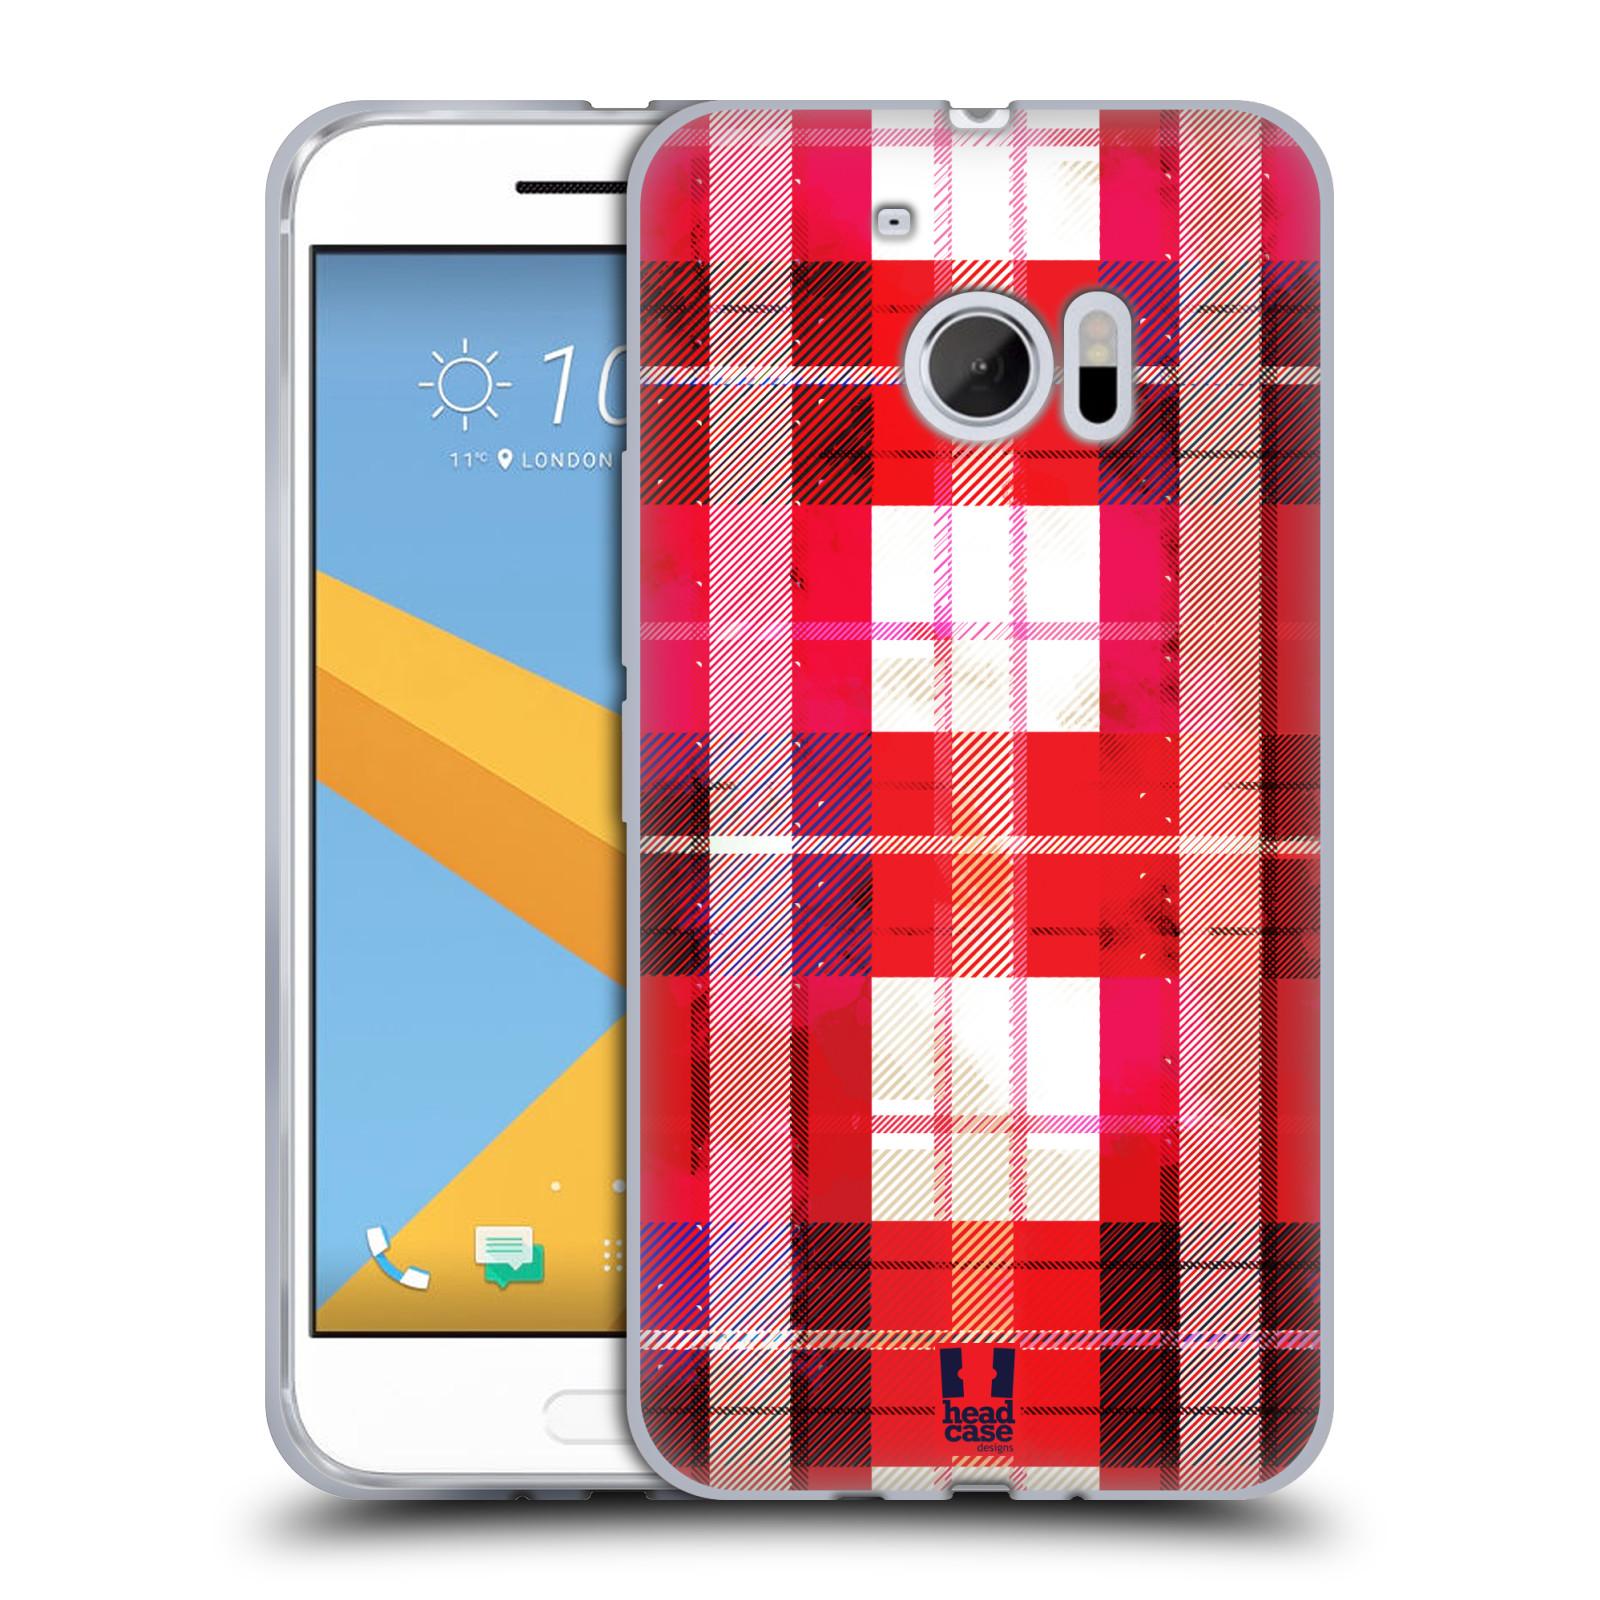 Silikonové pouzdro na mobil HTC 10 HEAD CASE FLANEL RED (Silikonový kryt či obal na mobilní telefon HTC 10 (HTC One M10))